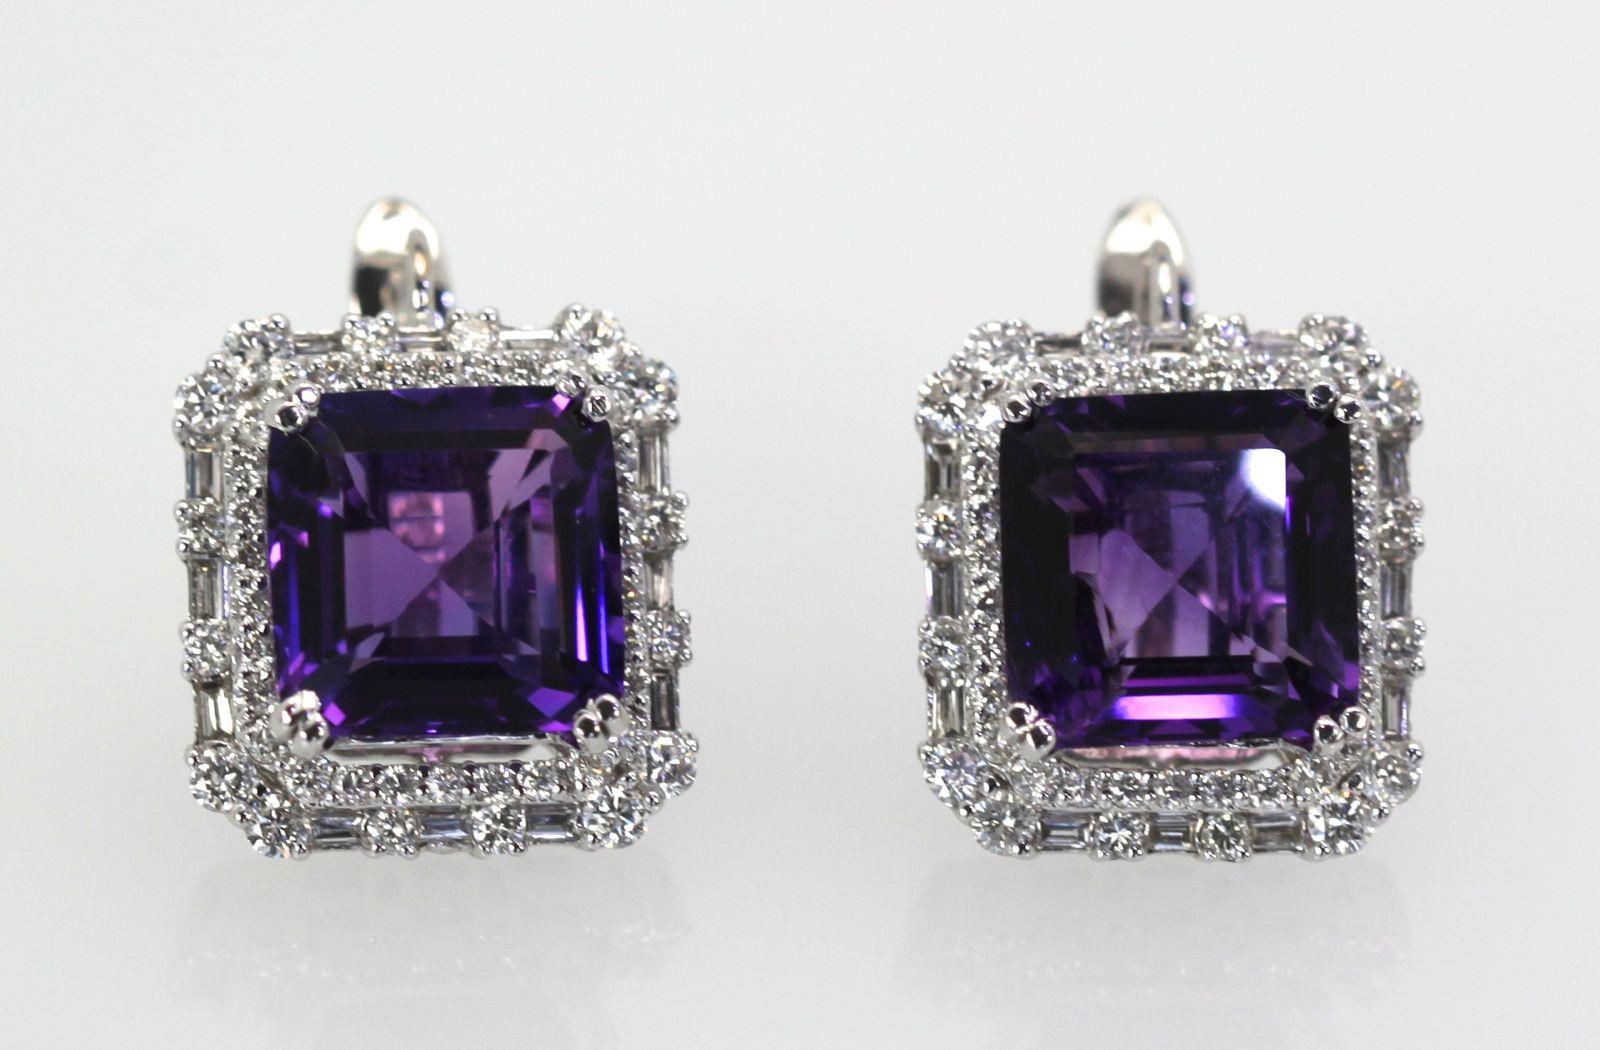 Amethyst Diamond Earrings 10 Carats Side By